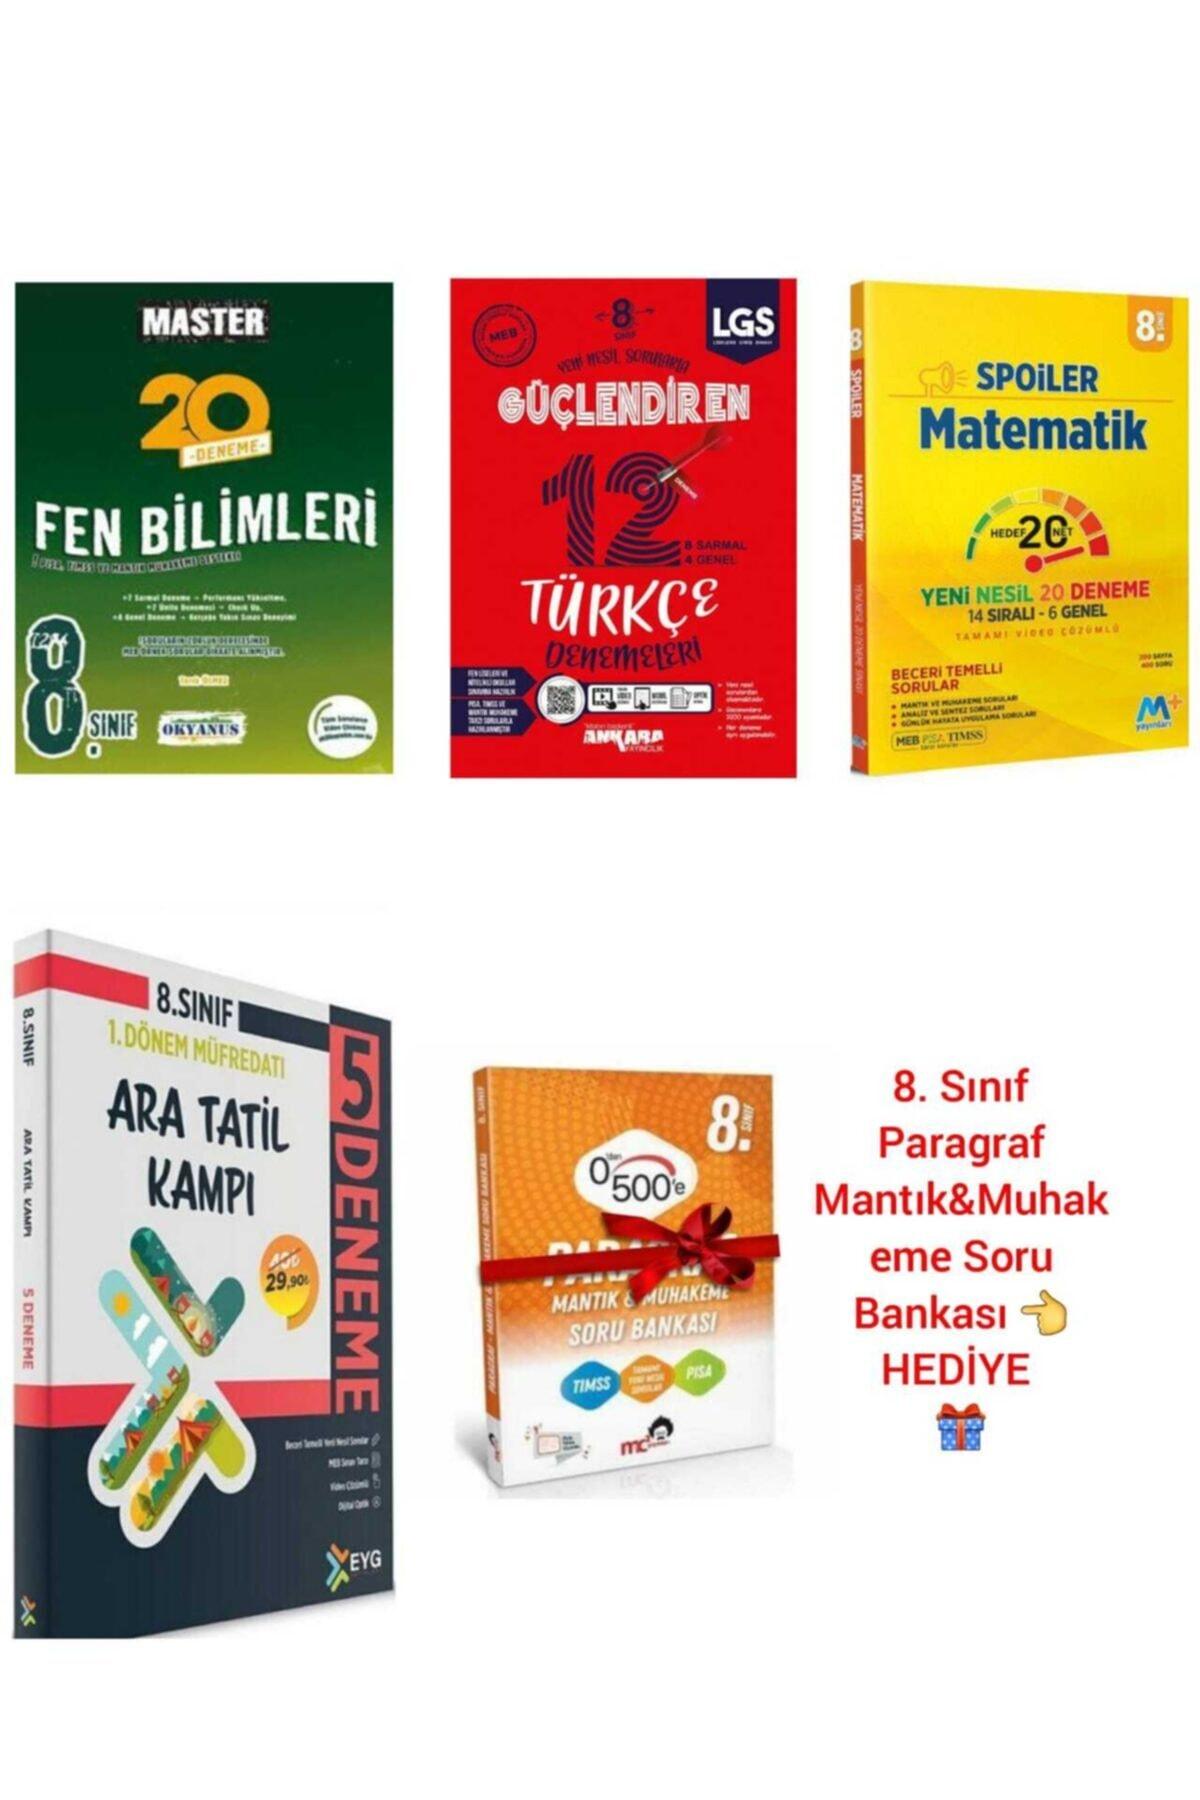 Okyanus Yayınları 8. Sınıf Lgs Ara Tatil Kampı & Deneme Seti Okyanus-ankara-martı-eyg Yayıncılık 1